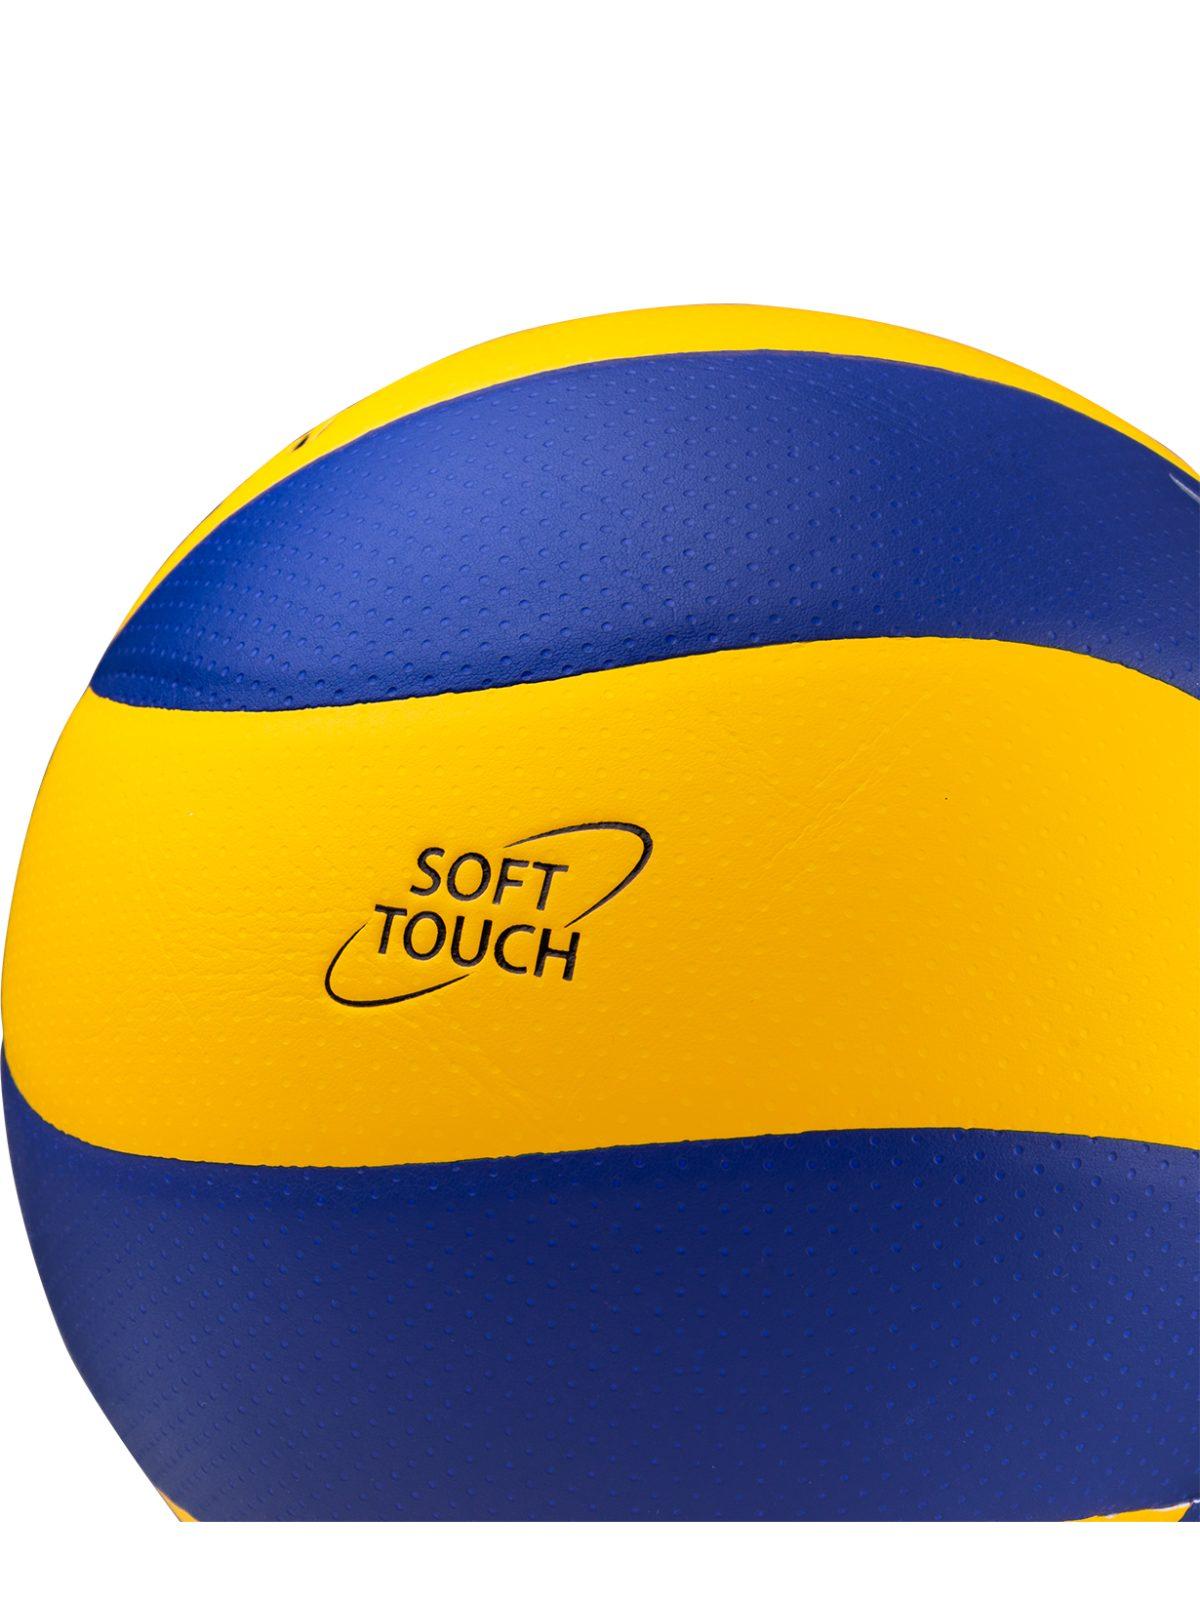 JOGEL Мяч волейбольный JV-700 №5 - 3